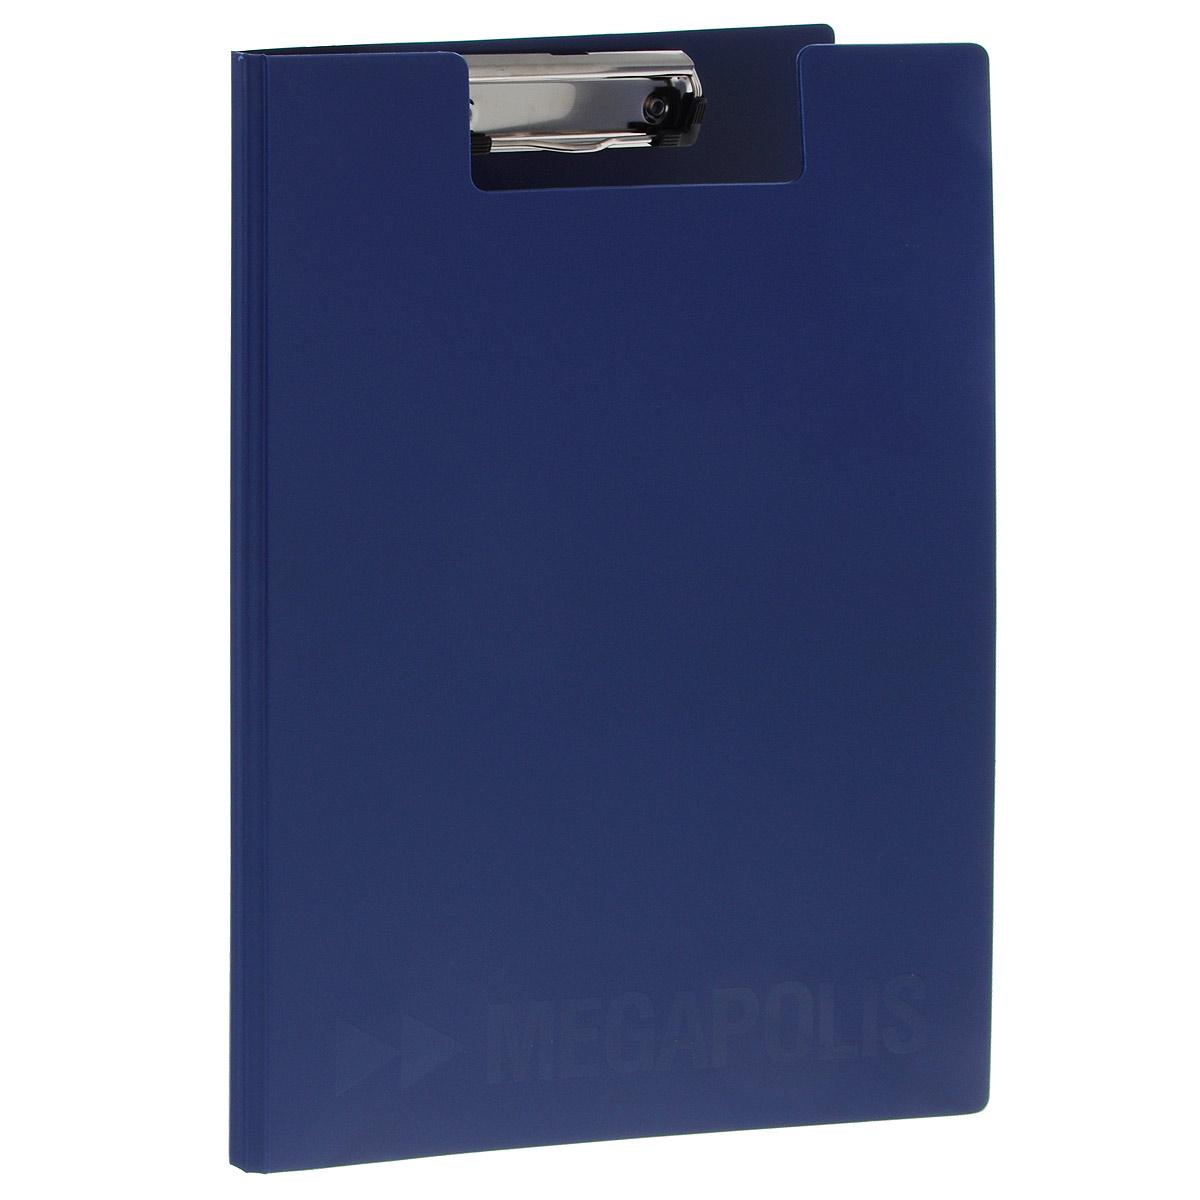 Папка-планшет Erich Krause Megapolis, формат А4, цвет: темно-синий3874Папка-планшет Erich Krause Megapolis будет незаменима для работы с документацией в дороге или на складе, а так же может быть использована для подготовки и хранения текстов выступлений или докладов . Изготовлена из жесткого пластика, и ПВХ. Благодаря своей жесткости позволяет делать записи на весу. Металлический зажим надежно фиксирует листы, предотвращая сползание бумаги. Есть внутренний карман для заметок.